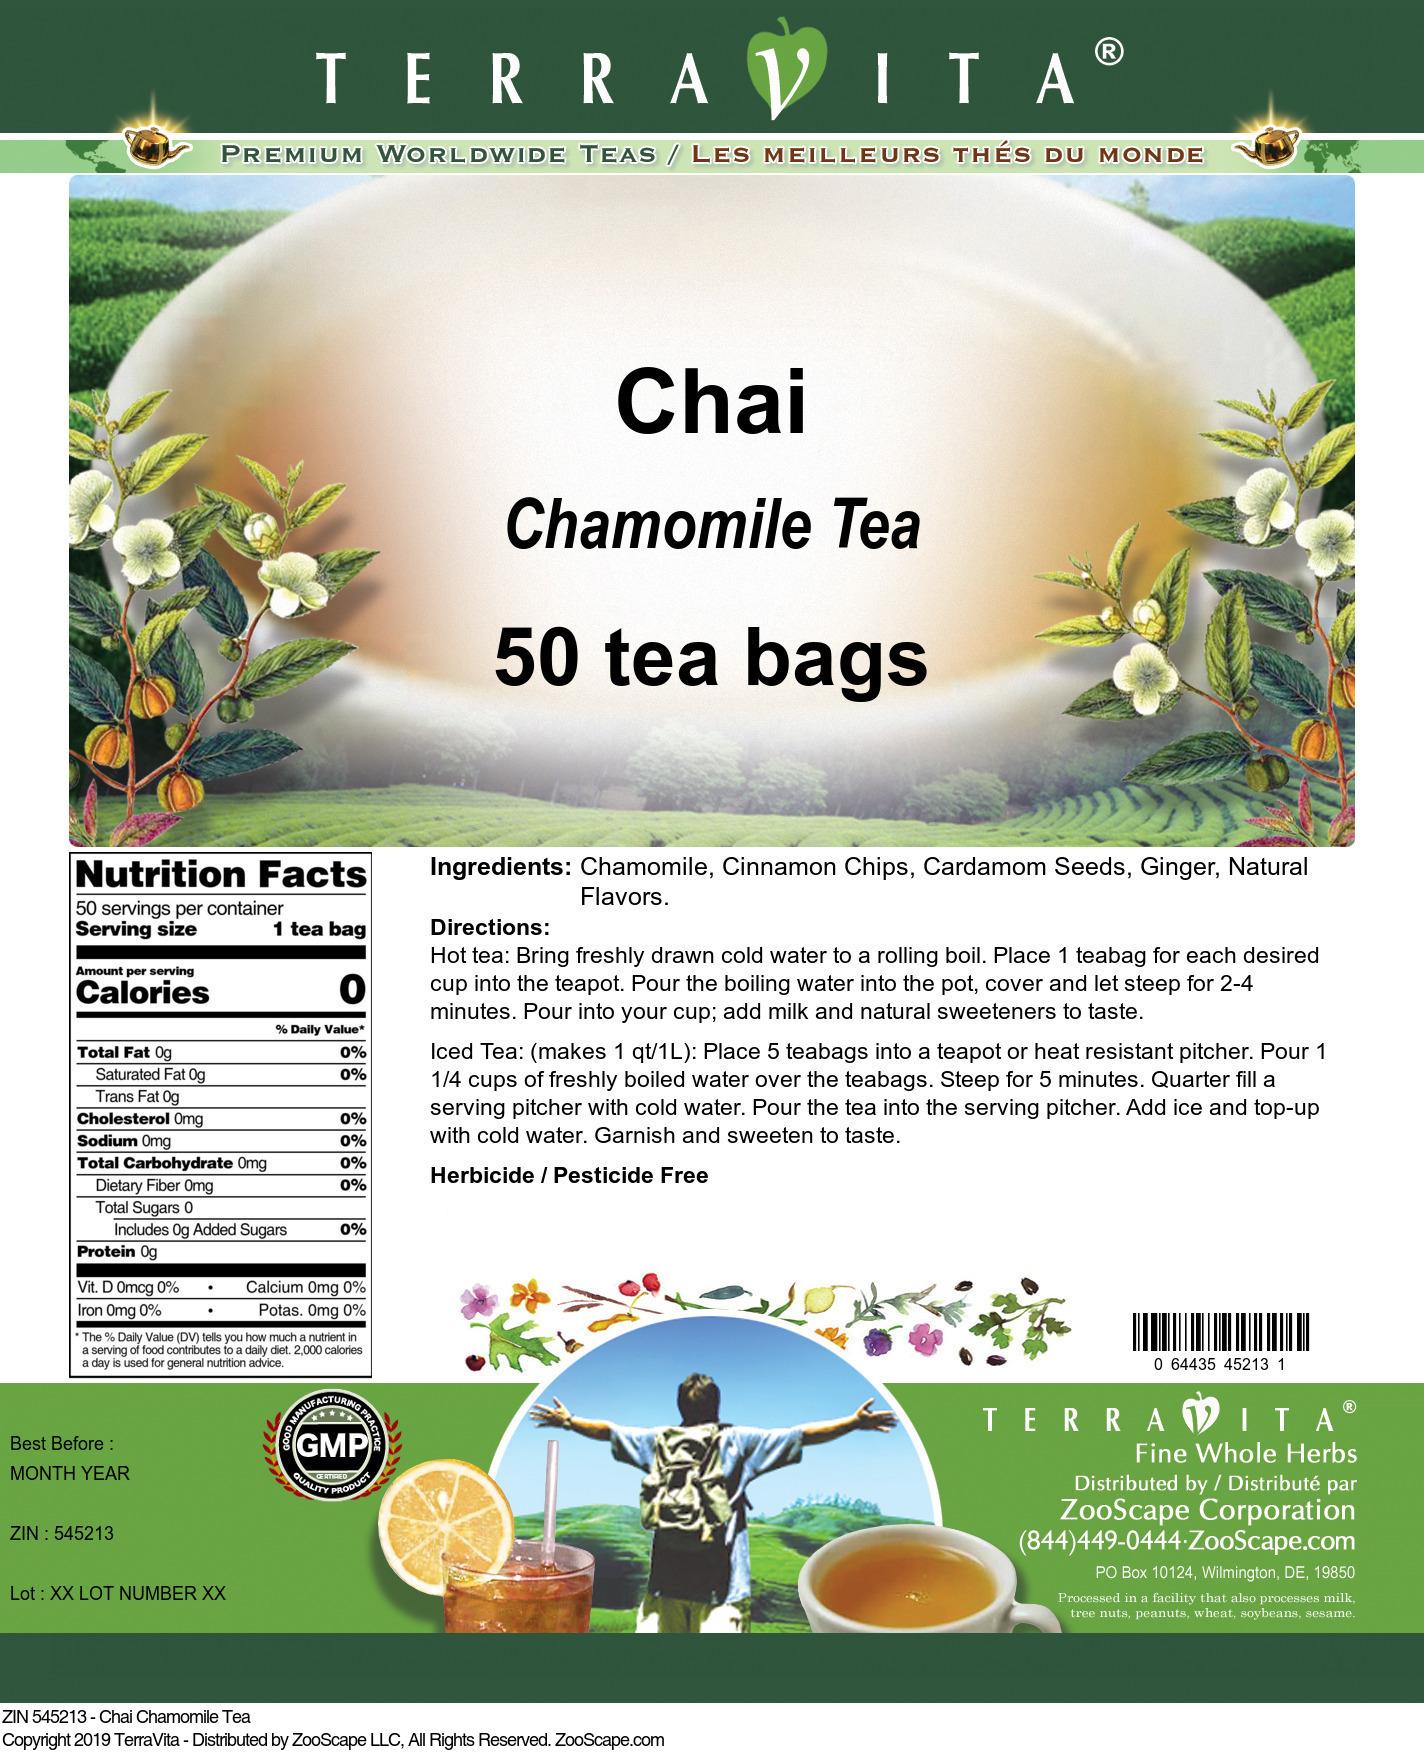 Chai Chamomile Tea